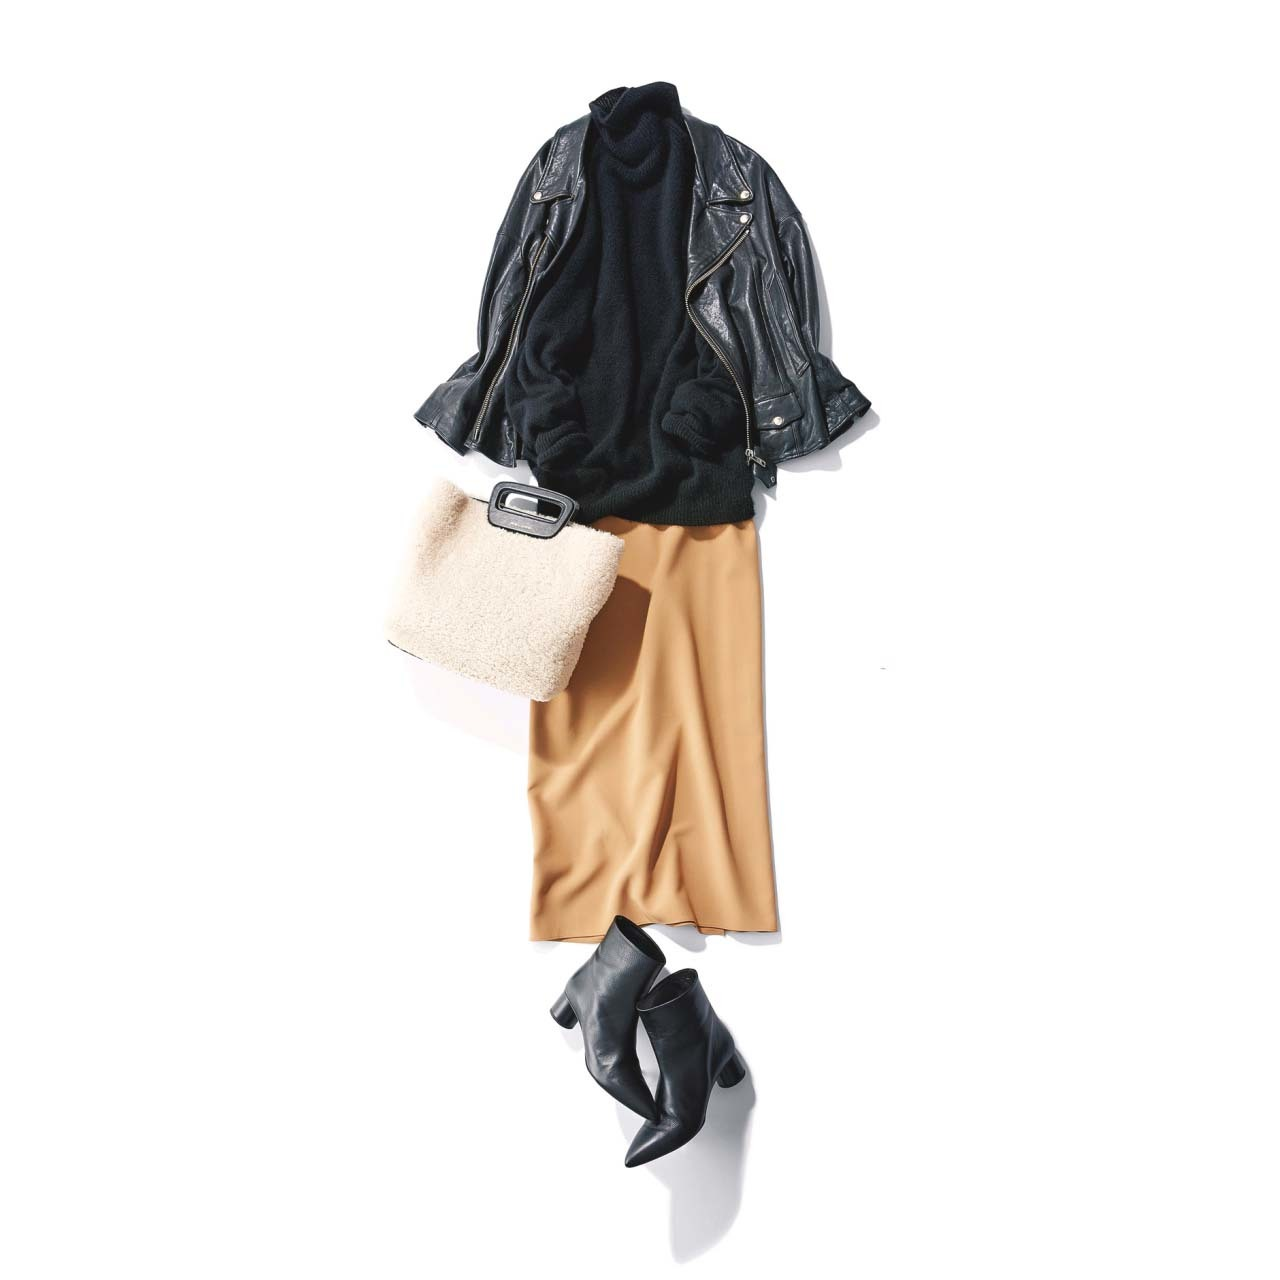 ライダース×ニット×スカート×黒のショートブーツコーデ